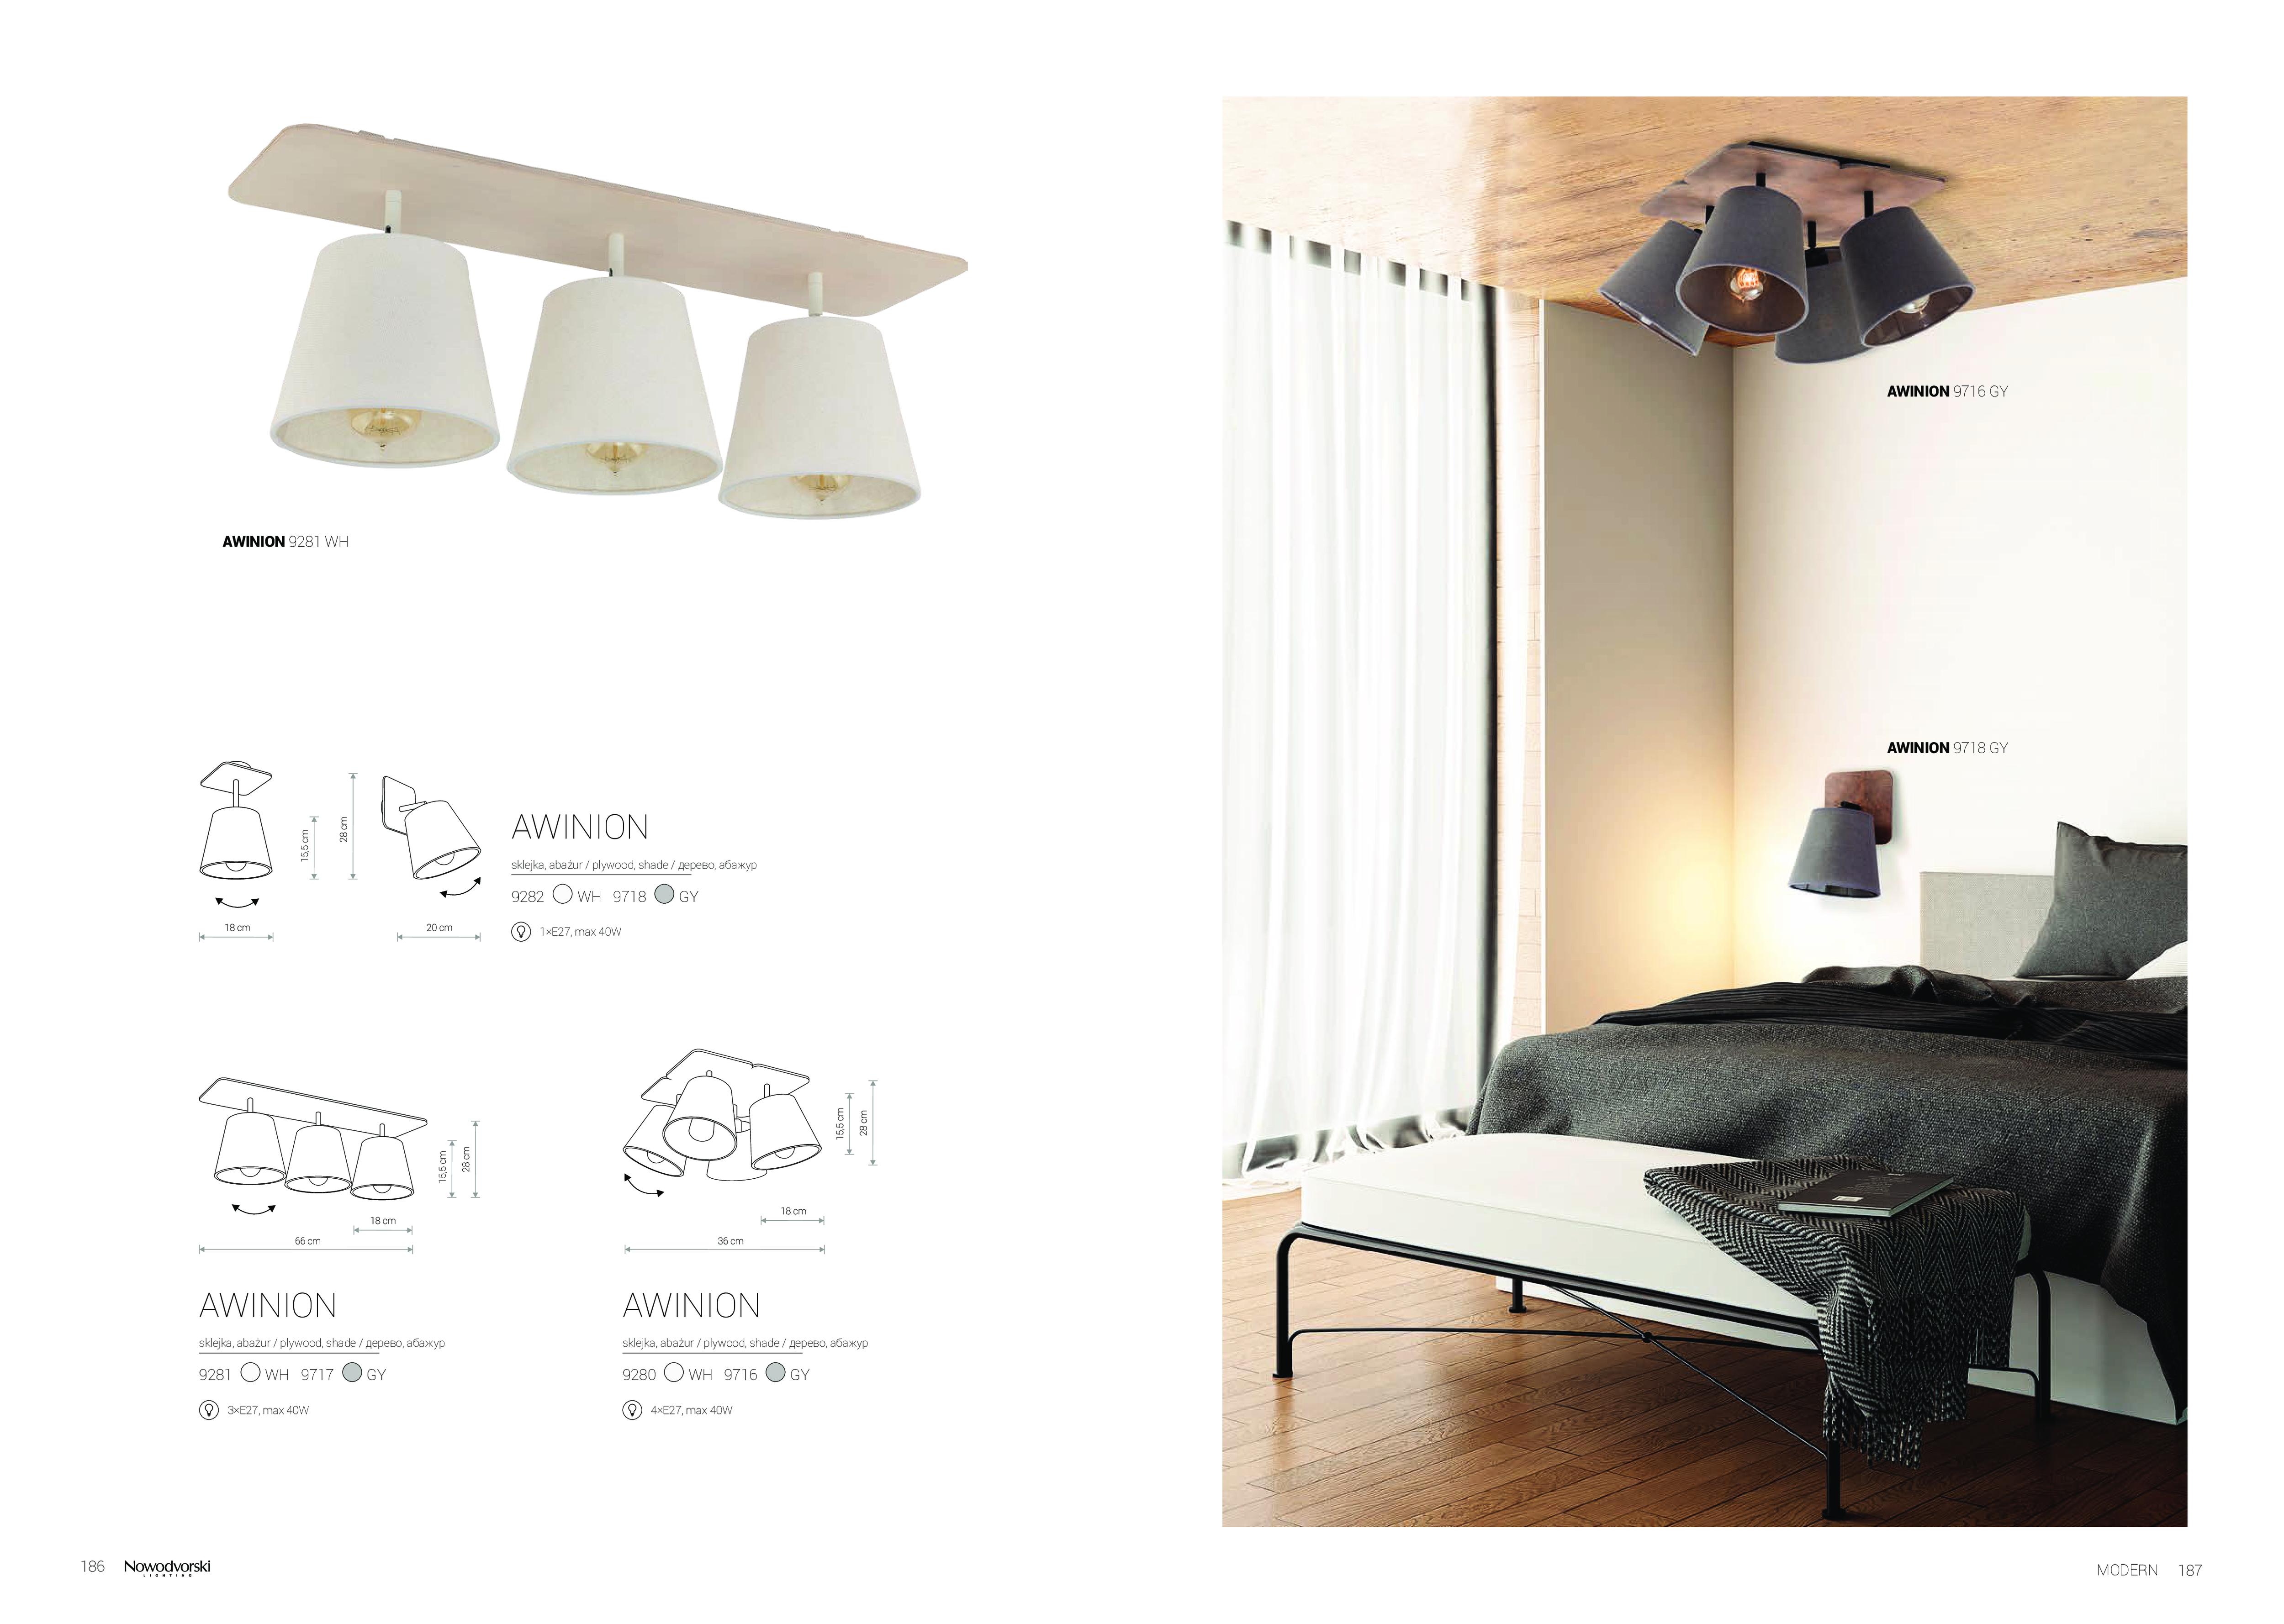 Потолочный светильник с регулировкой направления света Nowodvorski Awinion 9281, 3xE27x60W, коричневый, белый, дерево, текстиль - фото 2